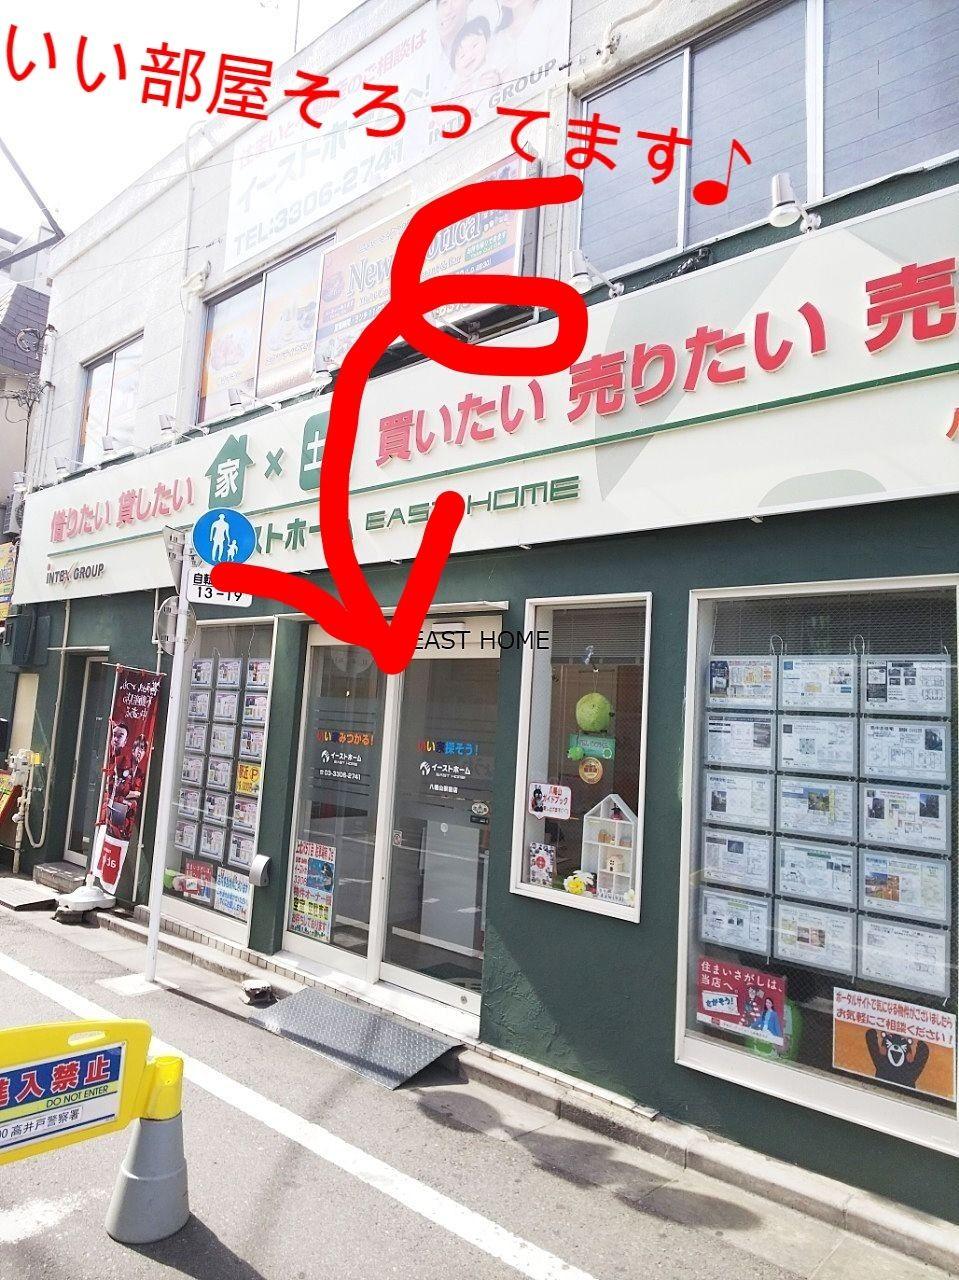 八幡山駅のお部屋さがしはイーストホームへ!